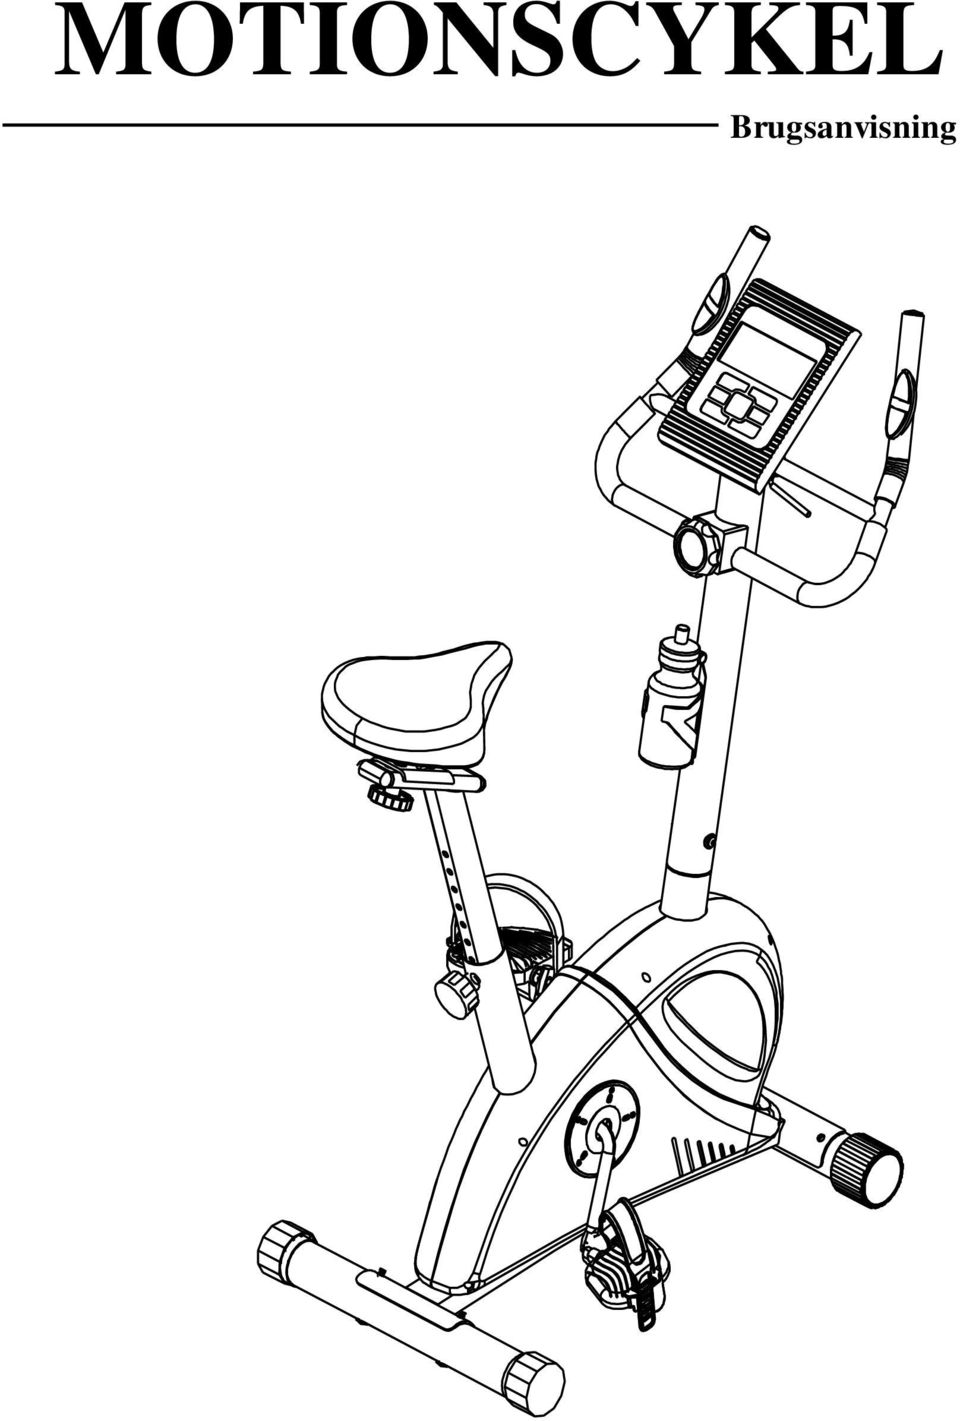 Maxfit motionscykel brugsanvisning